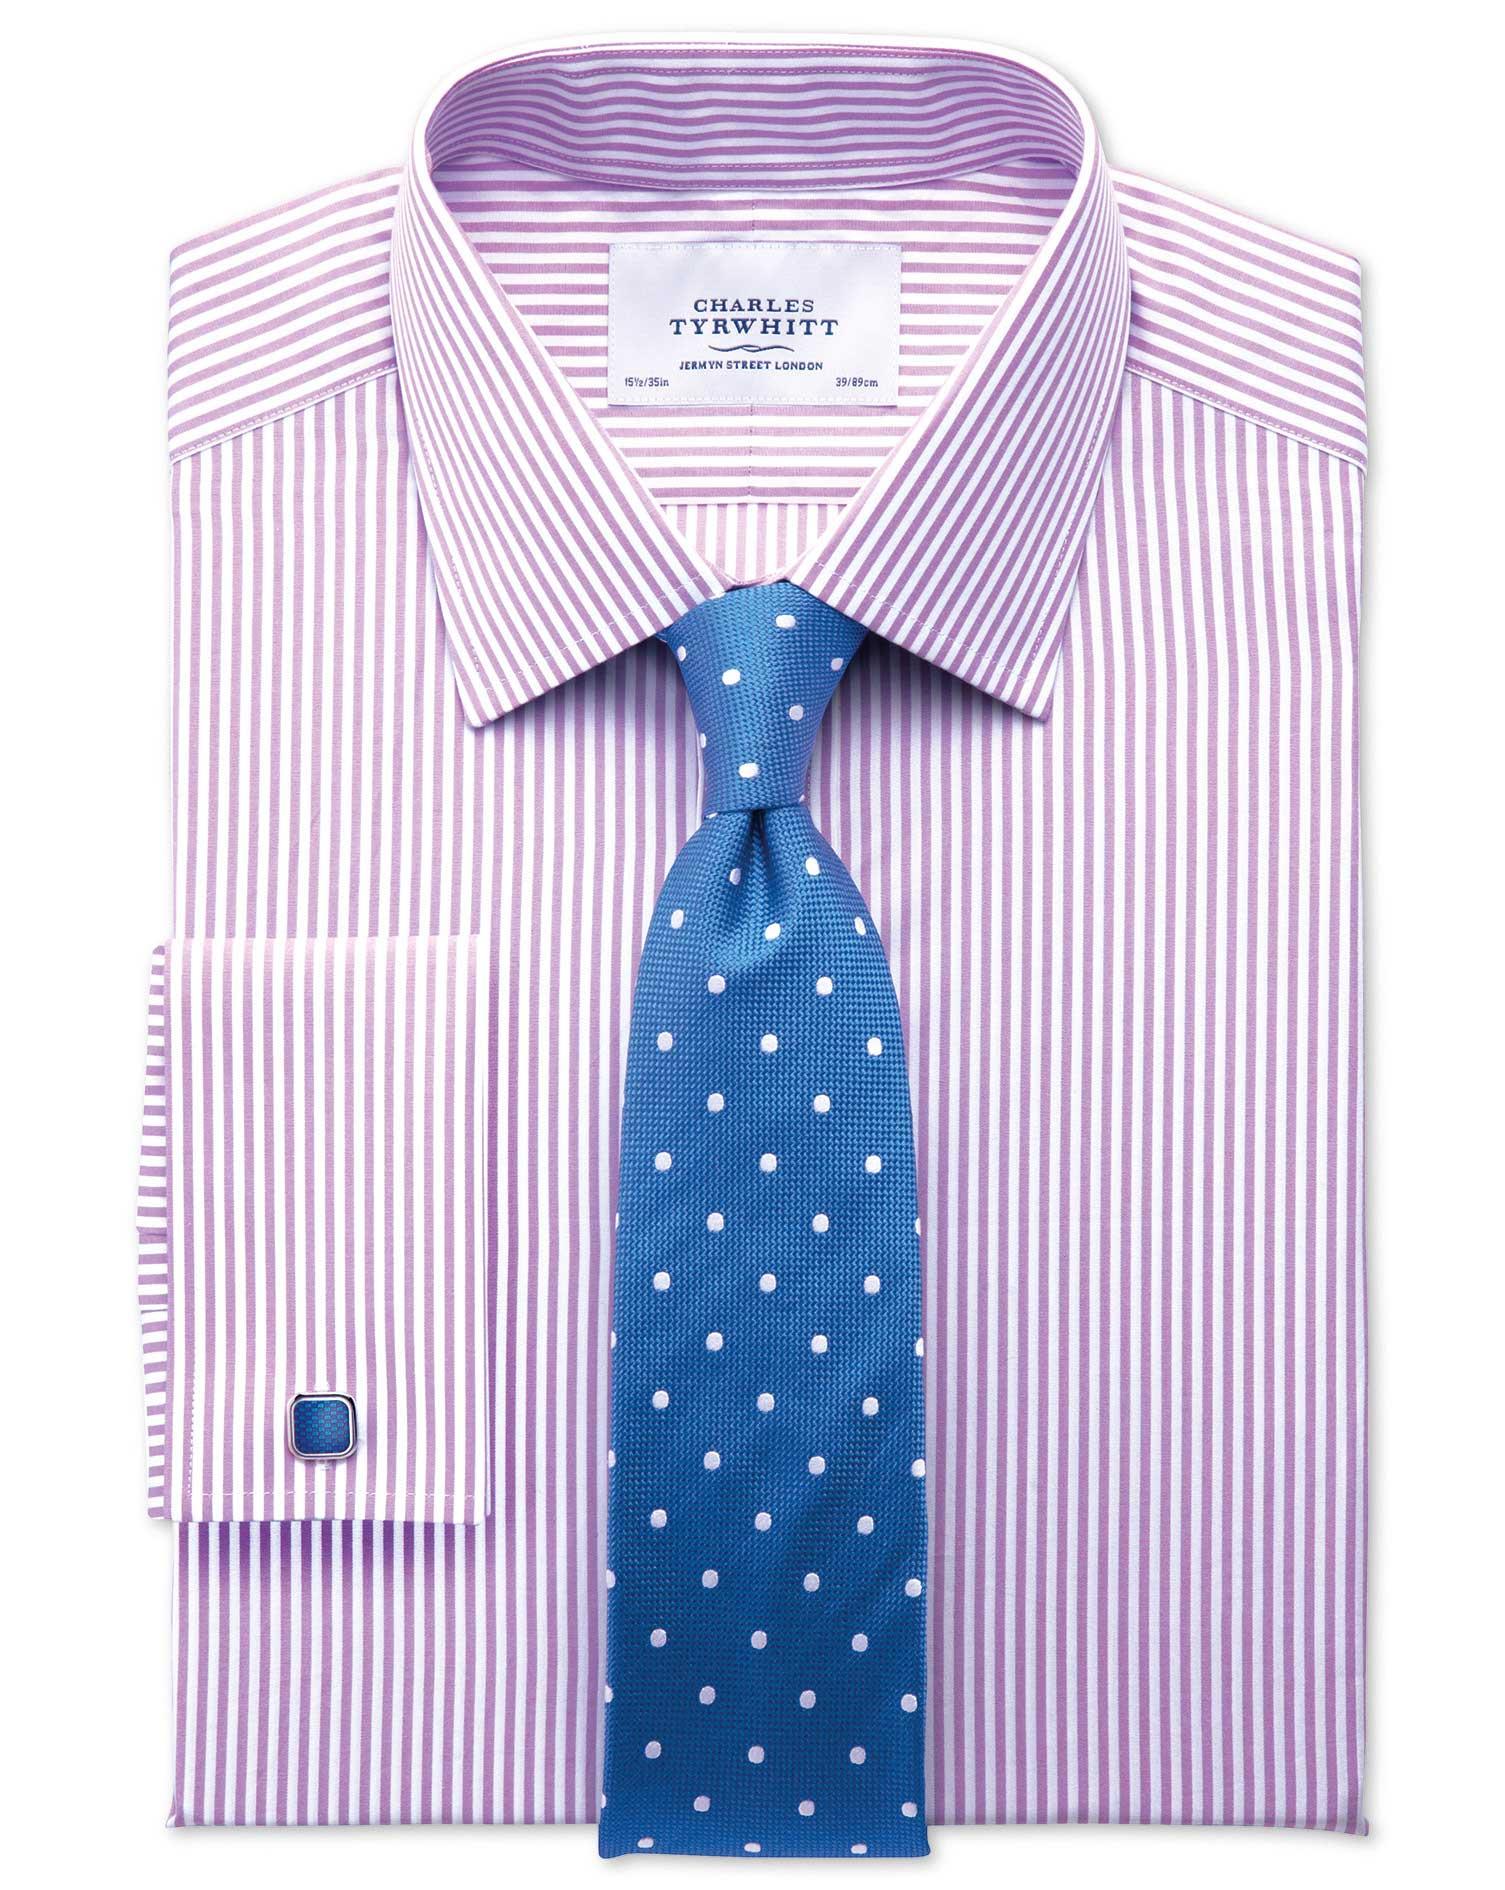 Classic Fit Bengal Stripe Lilac Shirt Charles Tyrwhitt